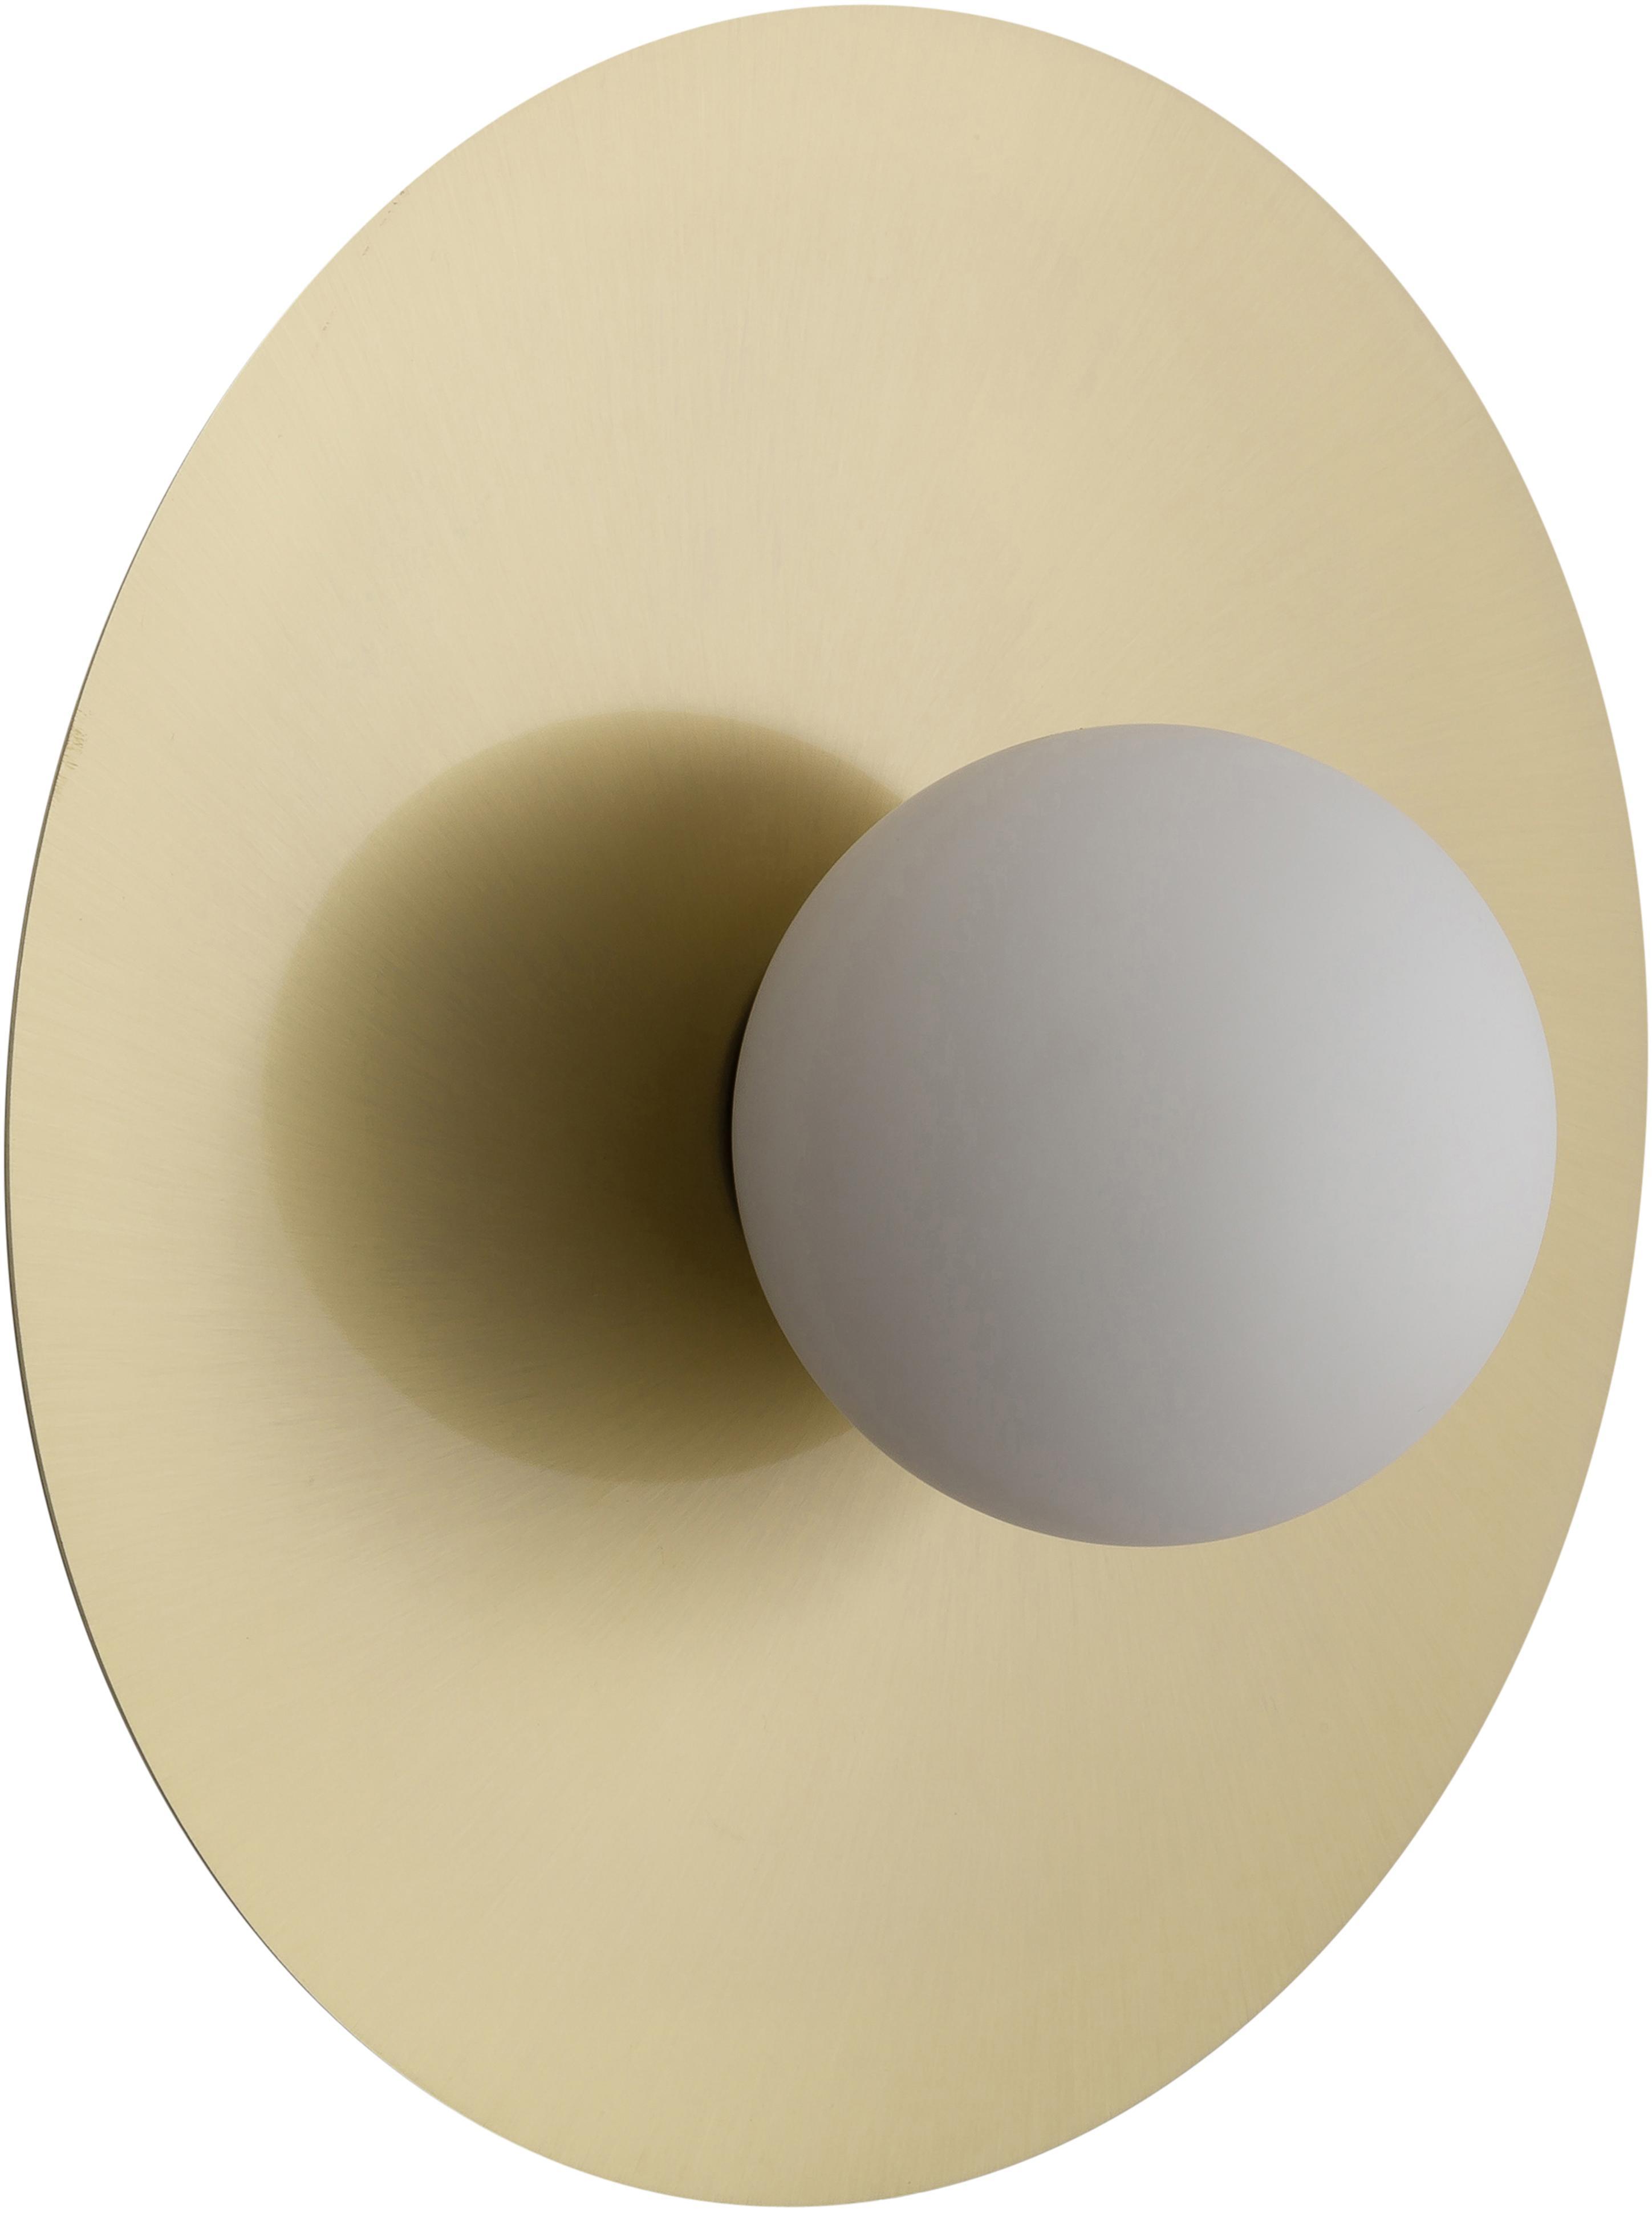 Wandleuchte Starling in Gold, Lampenschirm: Glas, Baldachin: Messingfarben, mattLampenschirm: Weiß, Ø 33 cm